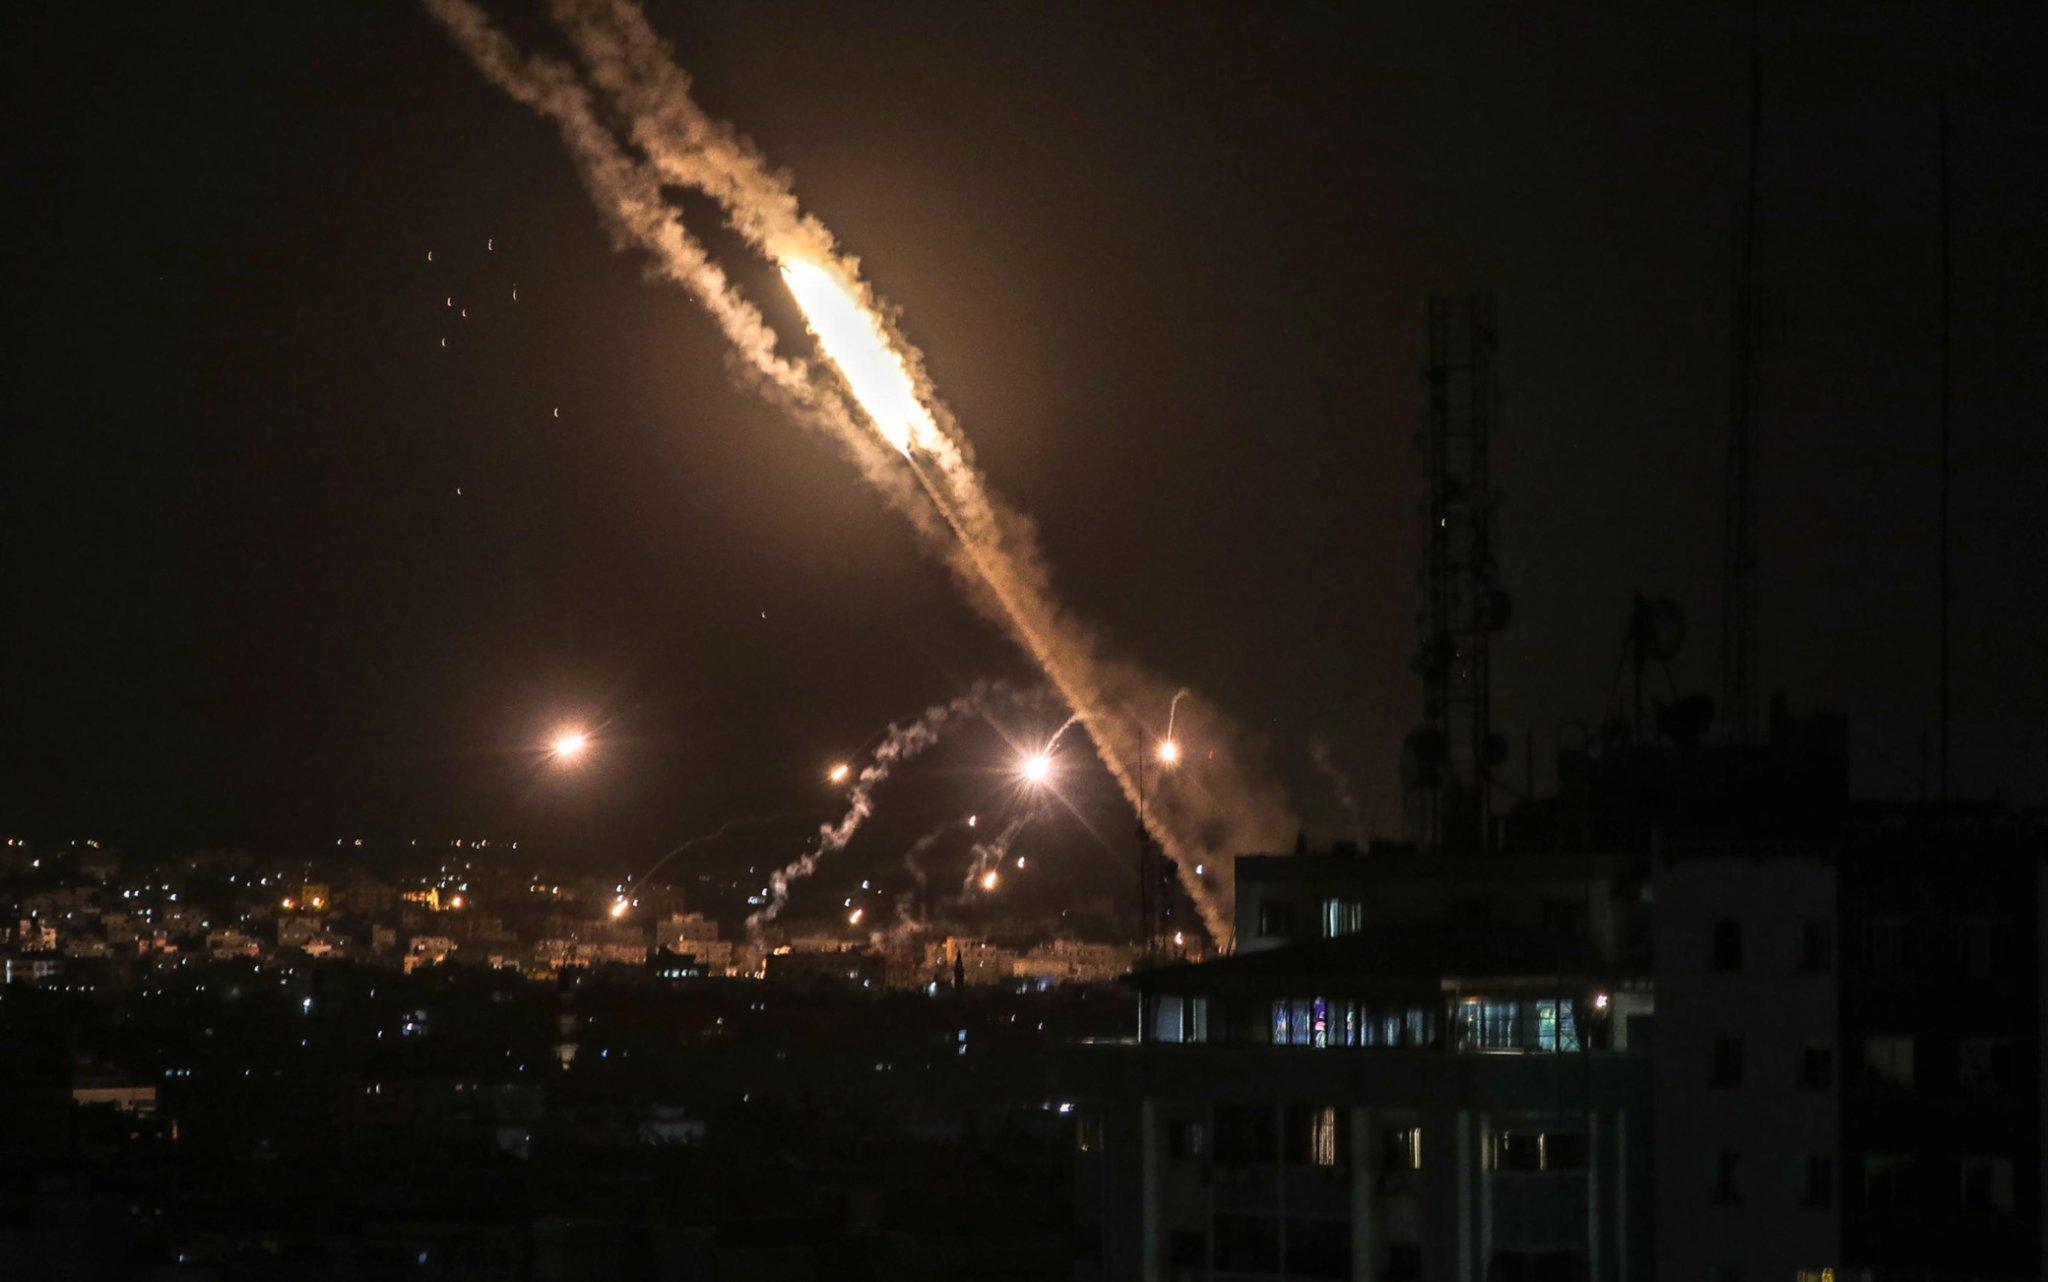 Scontro Israelo-Palestinese: che cosa sta succedendo